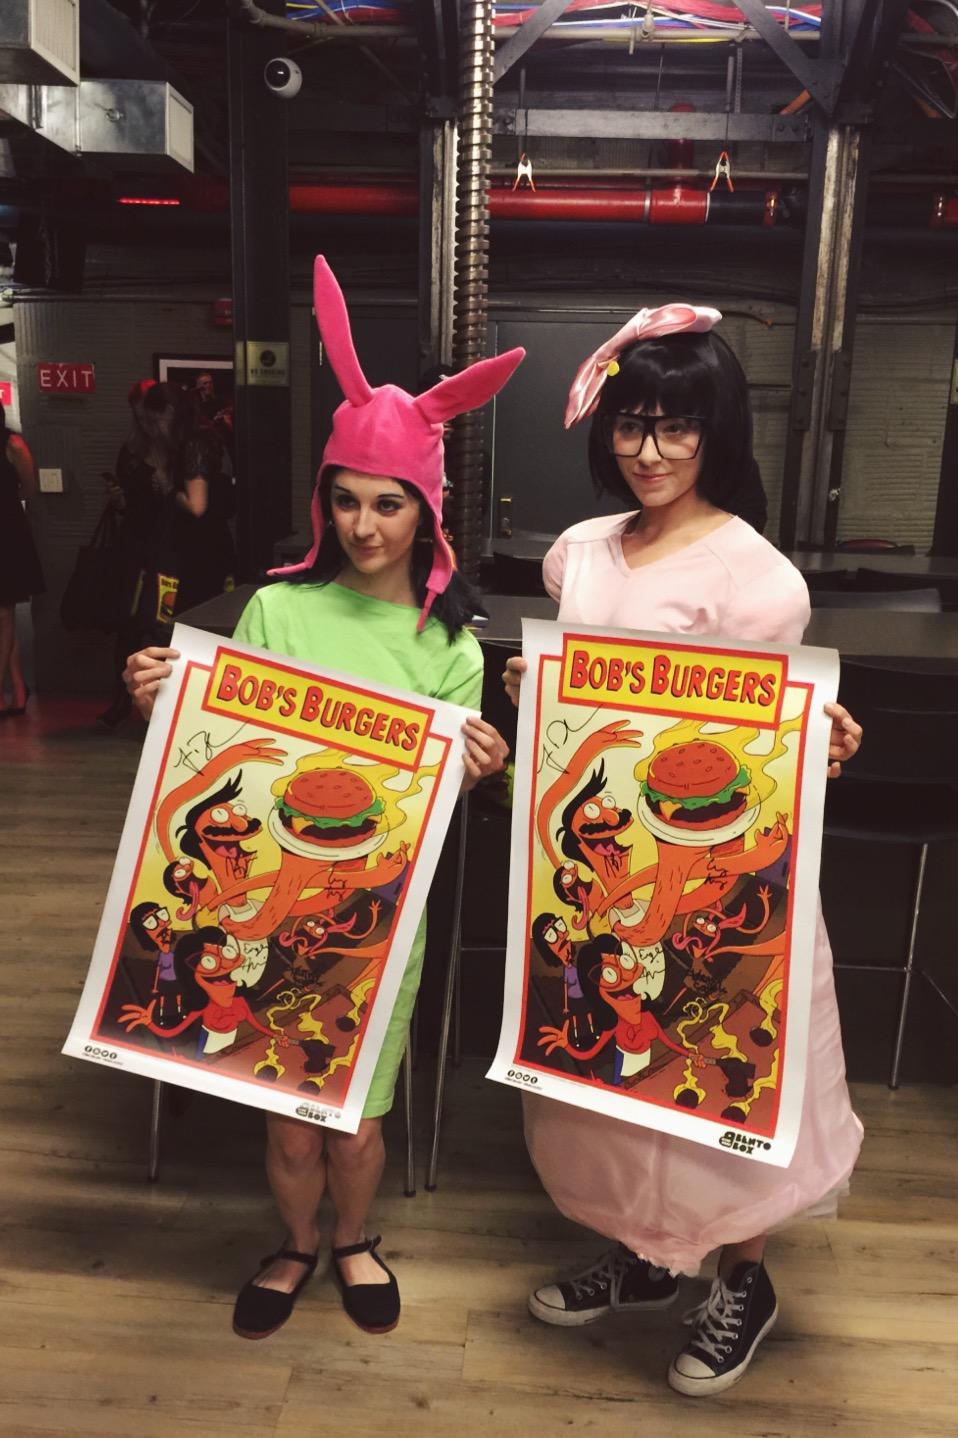 Bob's Burgers Live! 2015